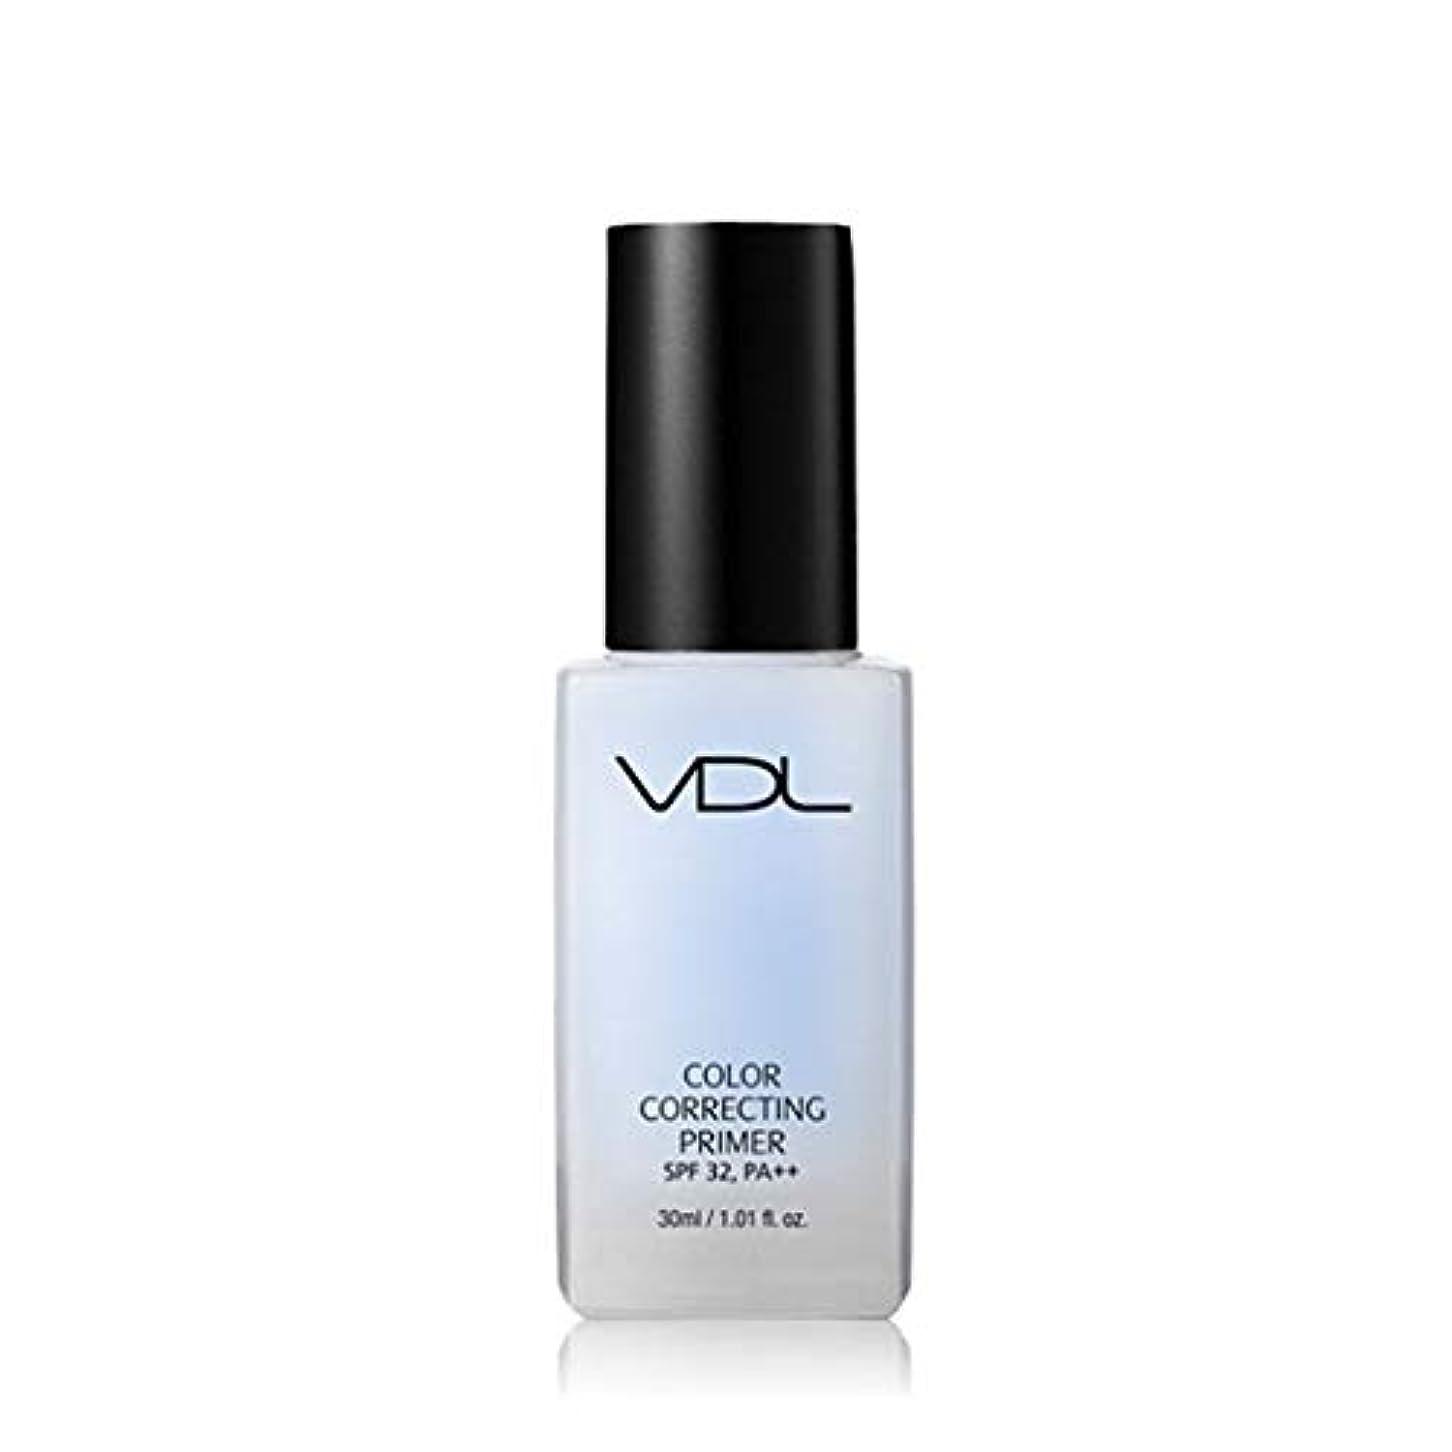 呪われた致命的な検閲VDLカラーコレクティンプライマー30ml 3カラーメイクアップベース、VDL Color Correcting Primer 30ml 3-Colors Make-up Base [並行輸入品] (Serenity)